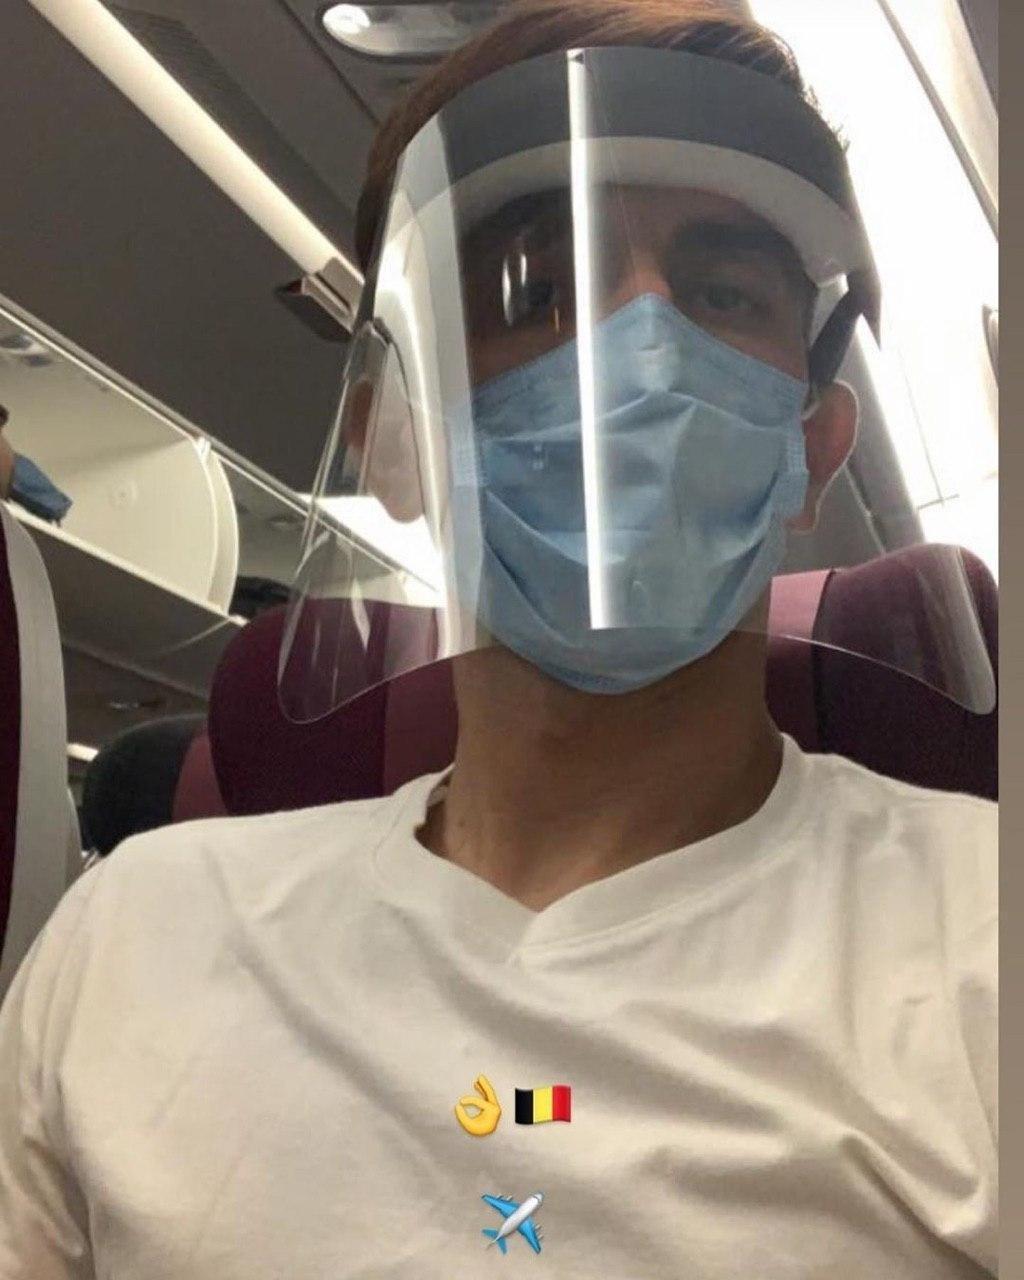 (عکس) استوری بیرانوند در هواپیما با چاشنی پروتکلهای بهداشتی